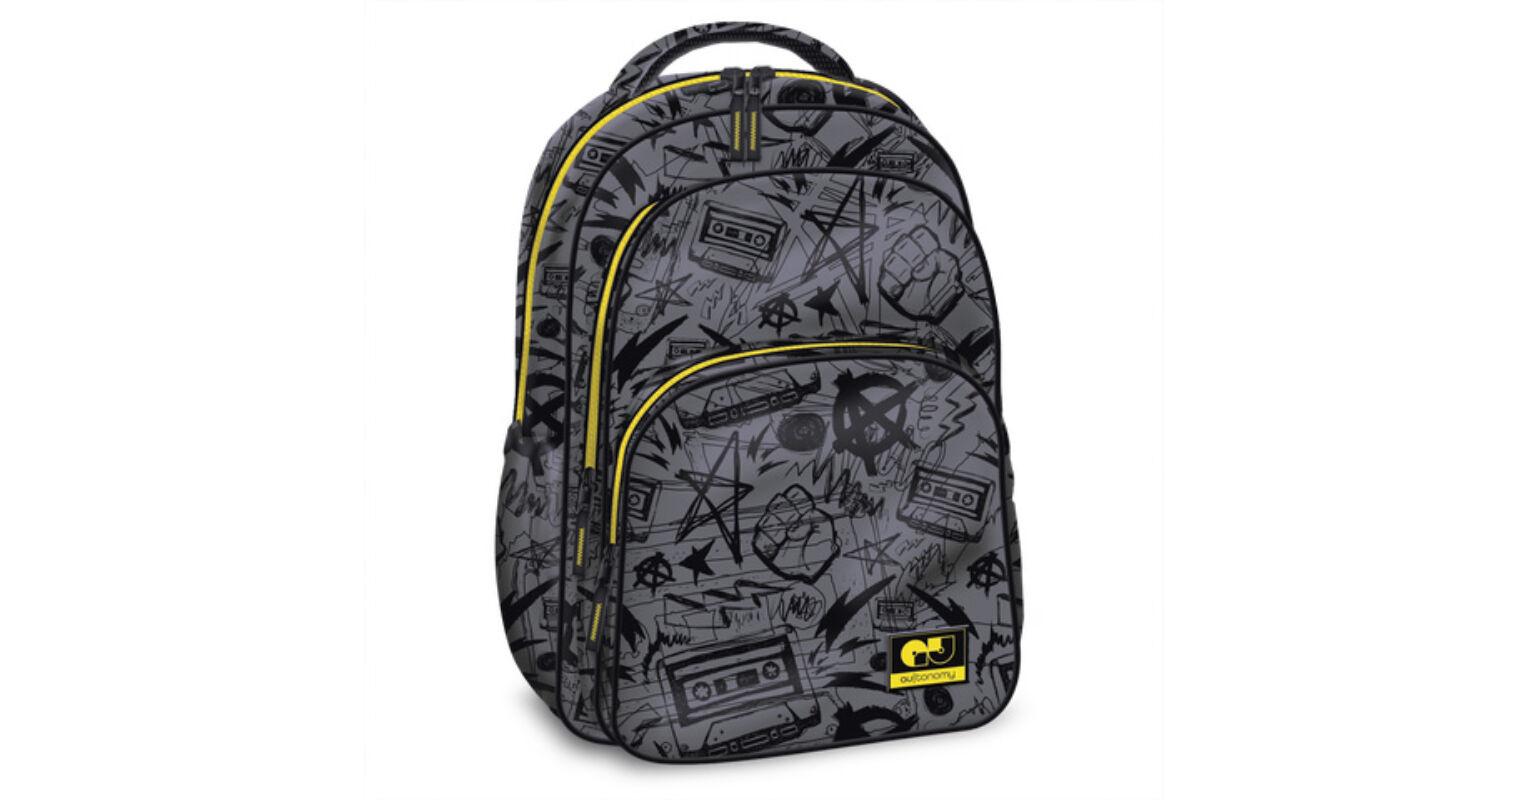 acb4e1794505 AUtonomy Casette tinédzser 3 rekeszes iskolatáska, hátizsák 13.036 Ft-os  áron!